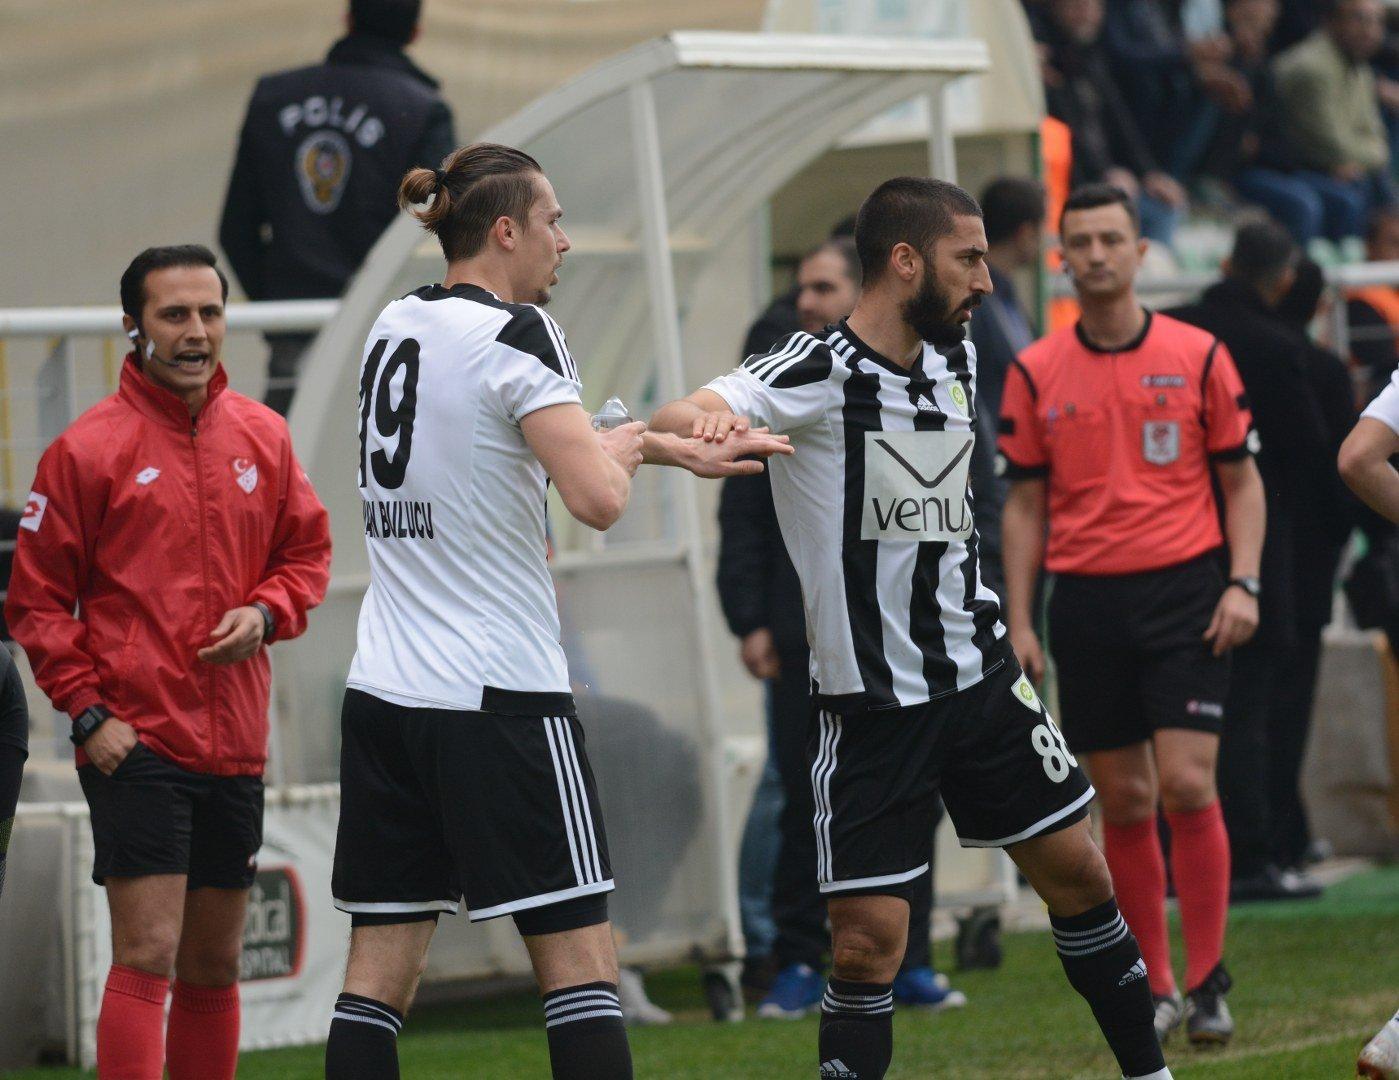 Manisa Büyükşehir Belediyespor'da hakem isyanı sürüyor - www.diyagonal.net